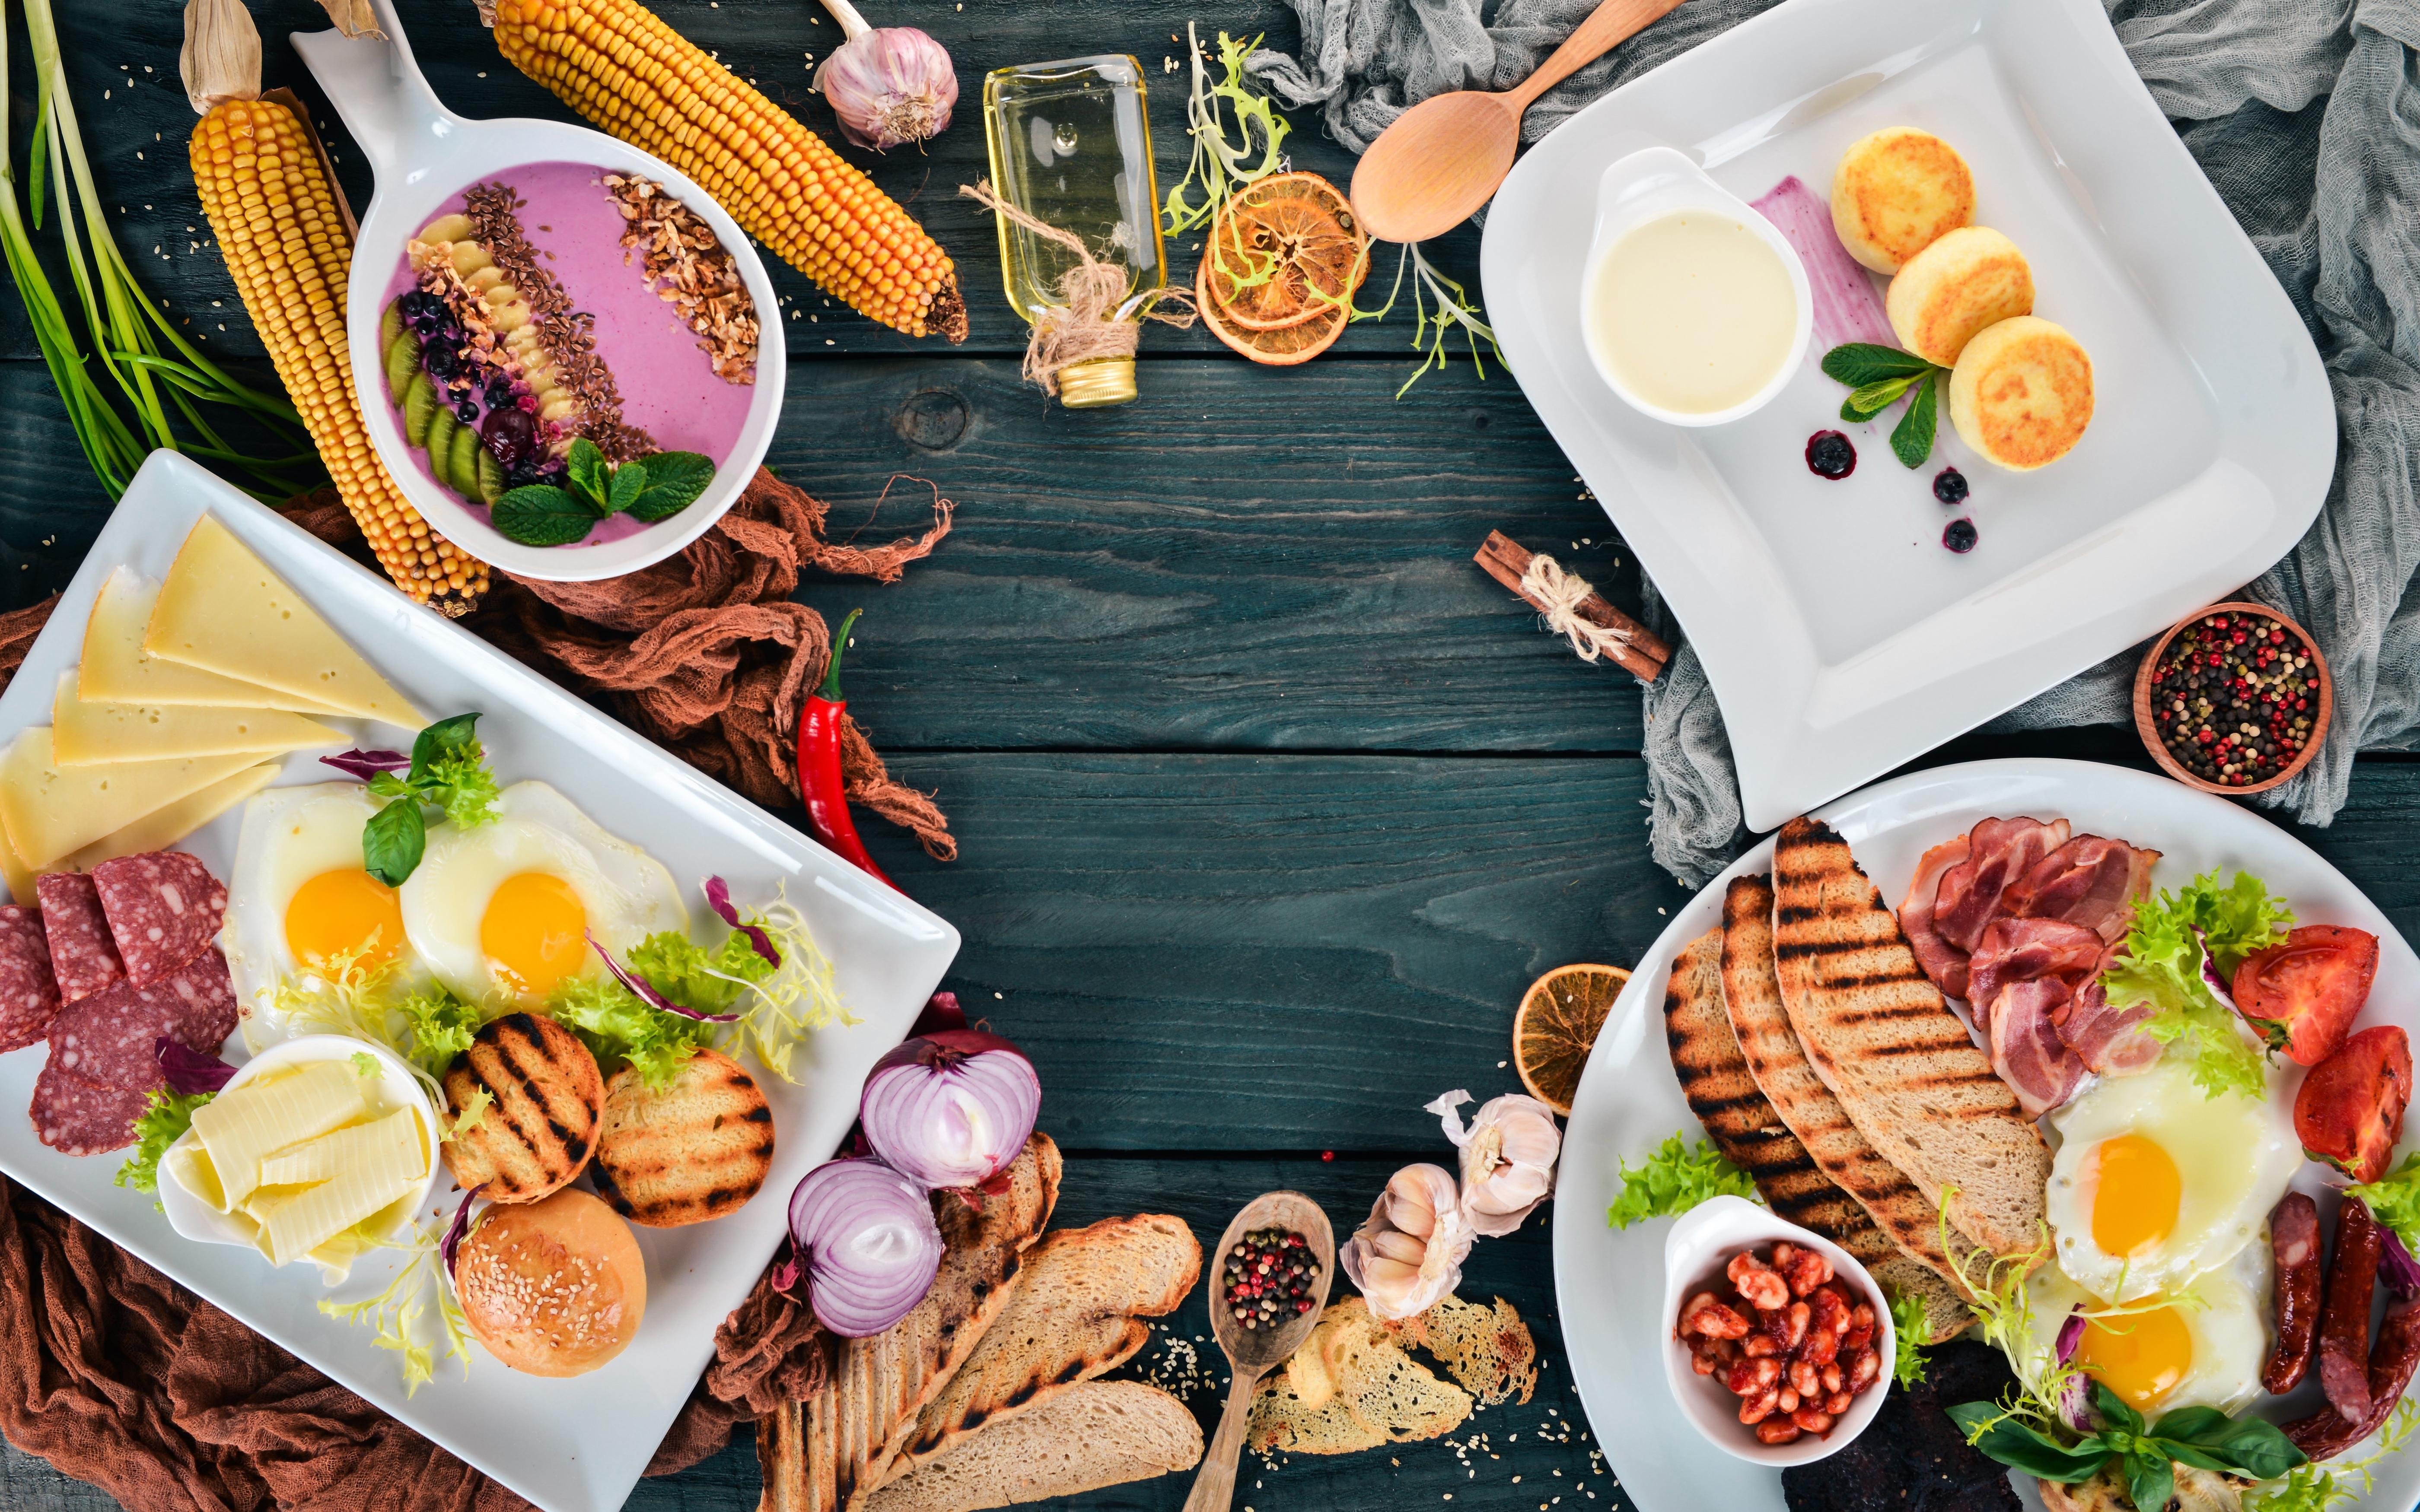 Bilder von Spiegelei Wurst Zwiebel Kukuruz Eierkuchen Frühstück Schwarzer Pfeffer Brot Käse Knoblauch Gemüse Geschnitten Lebensmittel Fleischwaren Bretter 5600x3500